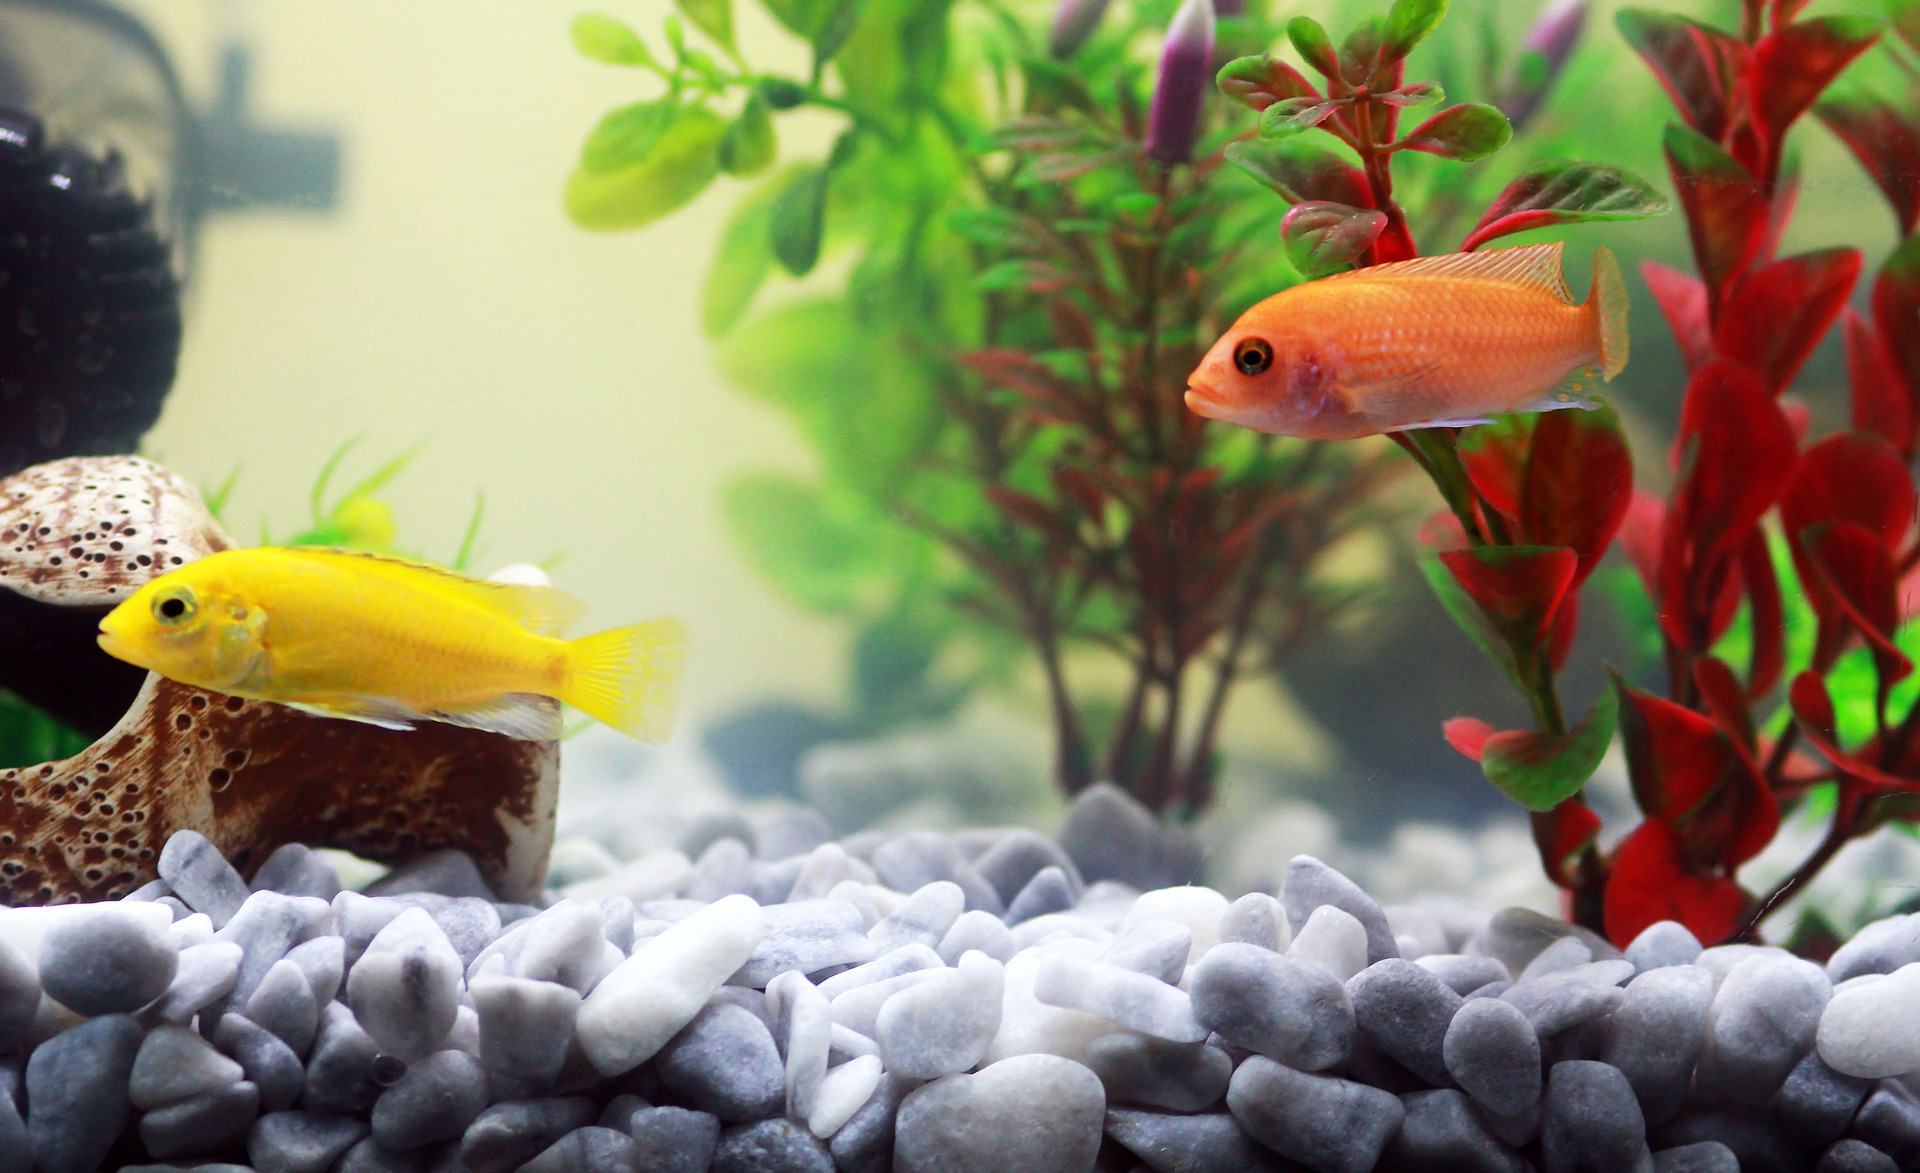 Декор для аквариума с камешками